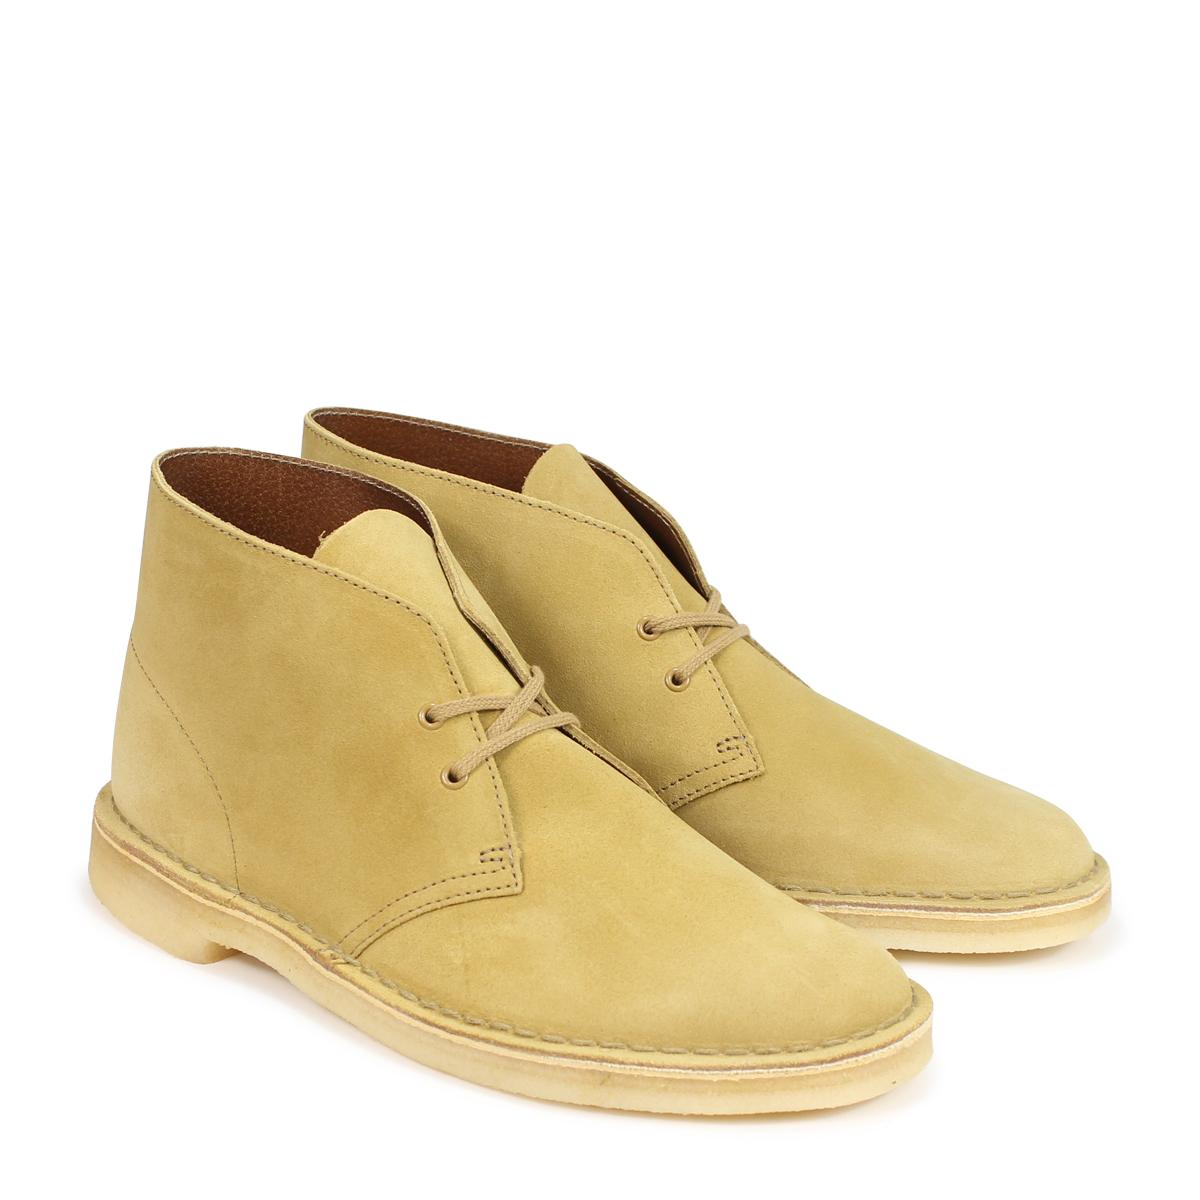 26138233 Clarks DESERT BOOT kulaki desert boots men light brown [189]